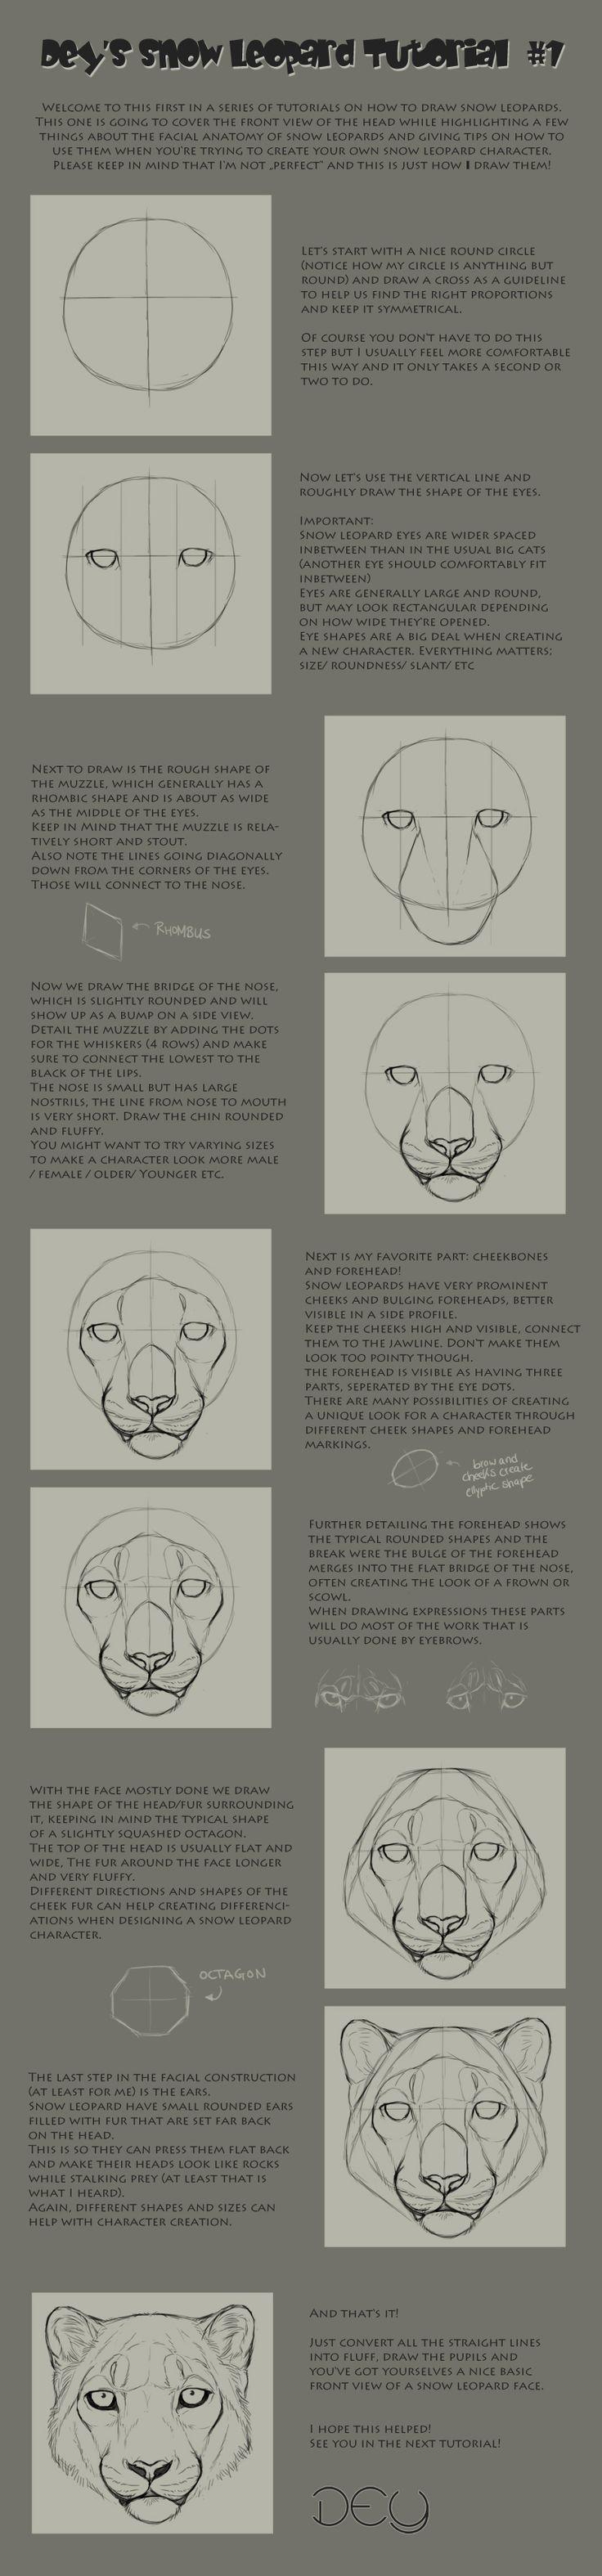 Tutorial: Snow Leopard Head #1 By Deyvarahiantart On @deviantart